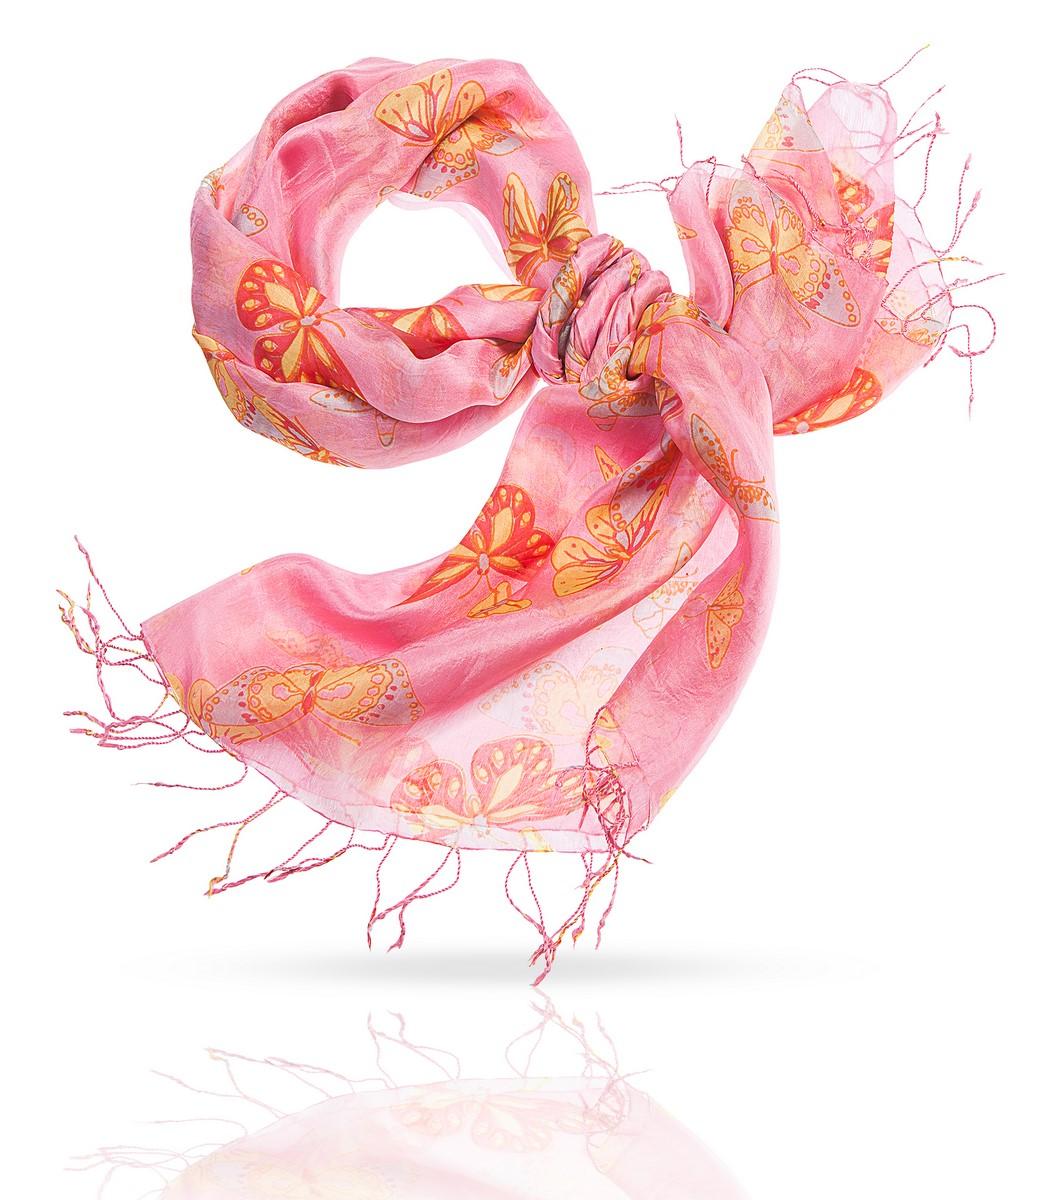 ПалантинS-BUTTERFLY/CANDYЖенственность и легкость этого очаровательного шелкового палантина делают его универсальным подарком для прекрасной дамы любого возраста - а если дама умеет любить себя, она и сама подарит себе эту радость. Даже в самом строгом деловом образе, дополненном этим аксессуаром, станет больше радости, нежности и света. Тончайшая фактура позволяет завязать палантин множеством разных способов, а если вы расправите палантин на плечах, вашу фигуру окружит сонм прекрасных бабочек. Что может быть очаровательнее?